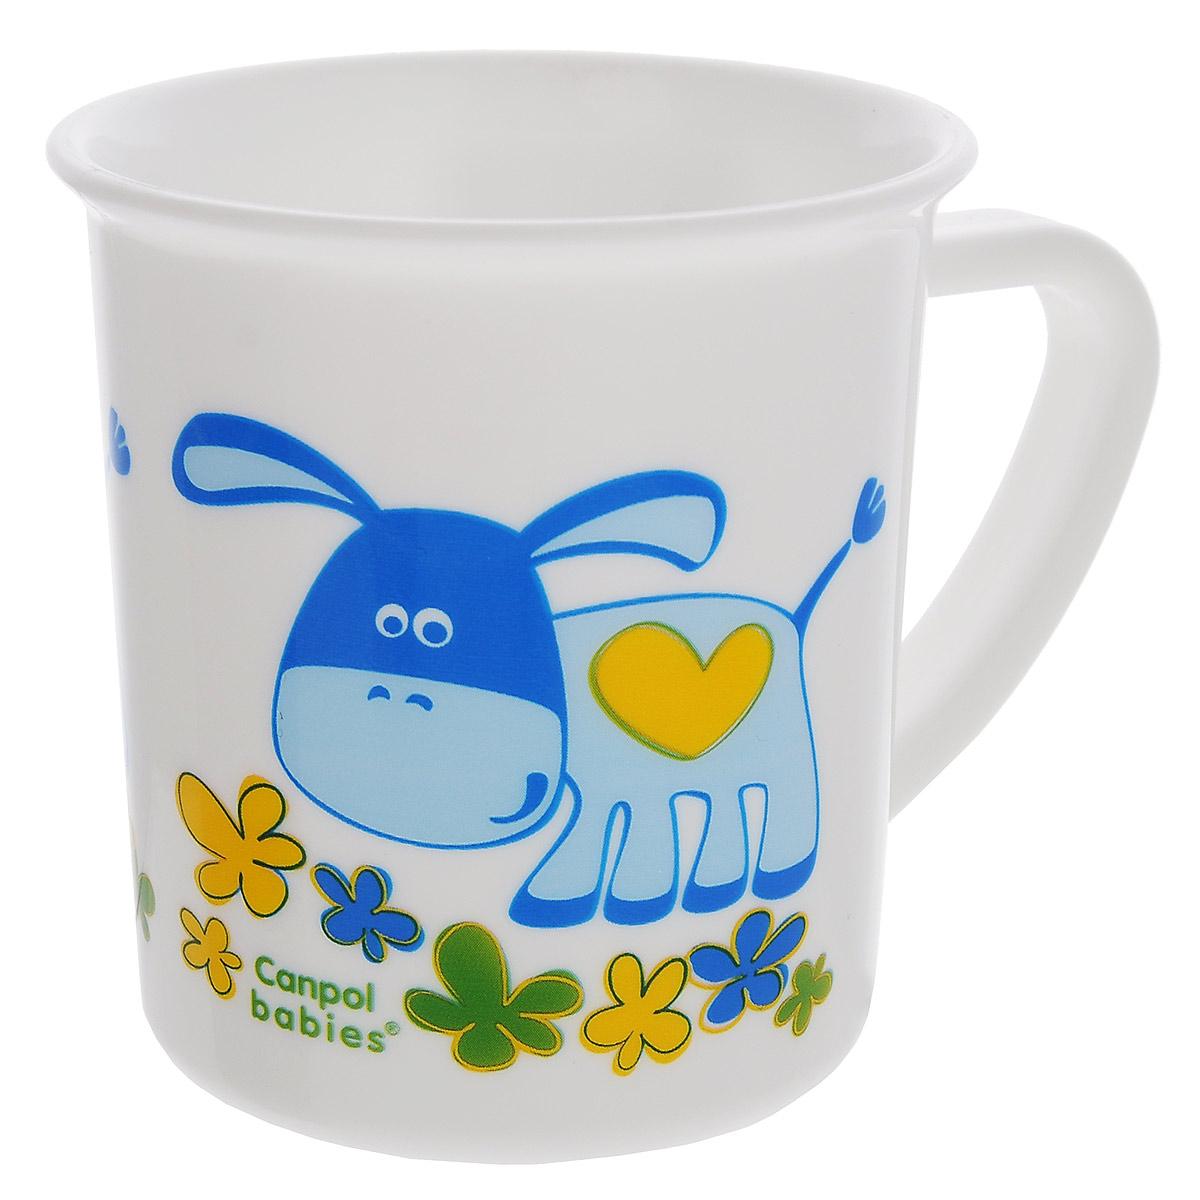 Canpol Babies Чашка детская Ослик цвет голубой4/413_голубой/осликЧашка детская Canpol Babies Ослик предназначена для того, чтобы приучить малыша пить из посуды для взрослых. Чашка выполнена из безопасного полипропилена и оформлена изображением милого ослика. Чашка выглядит совсем как обычная, однако она меньше по объему. Если случайно малыш уронит чашку, то она не разобьется.